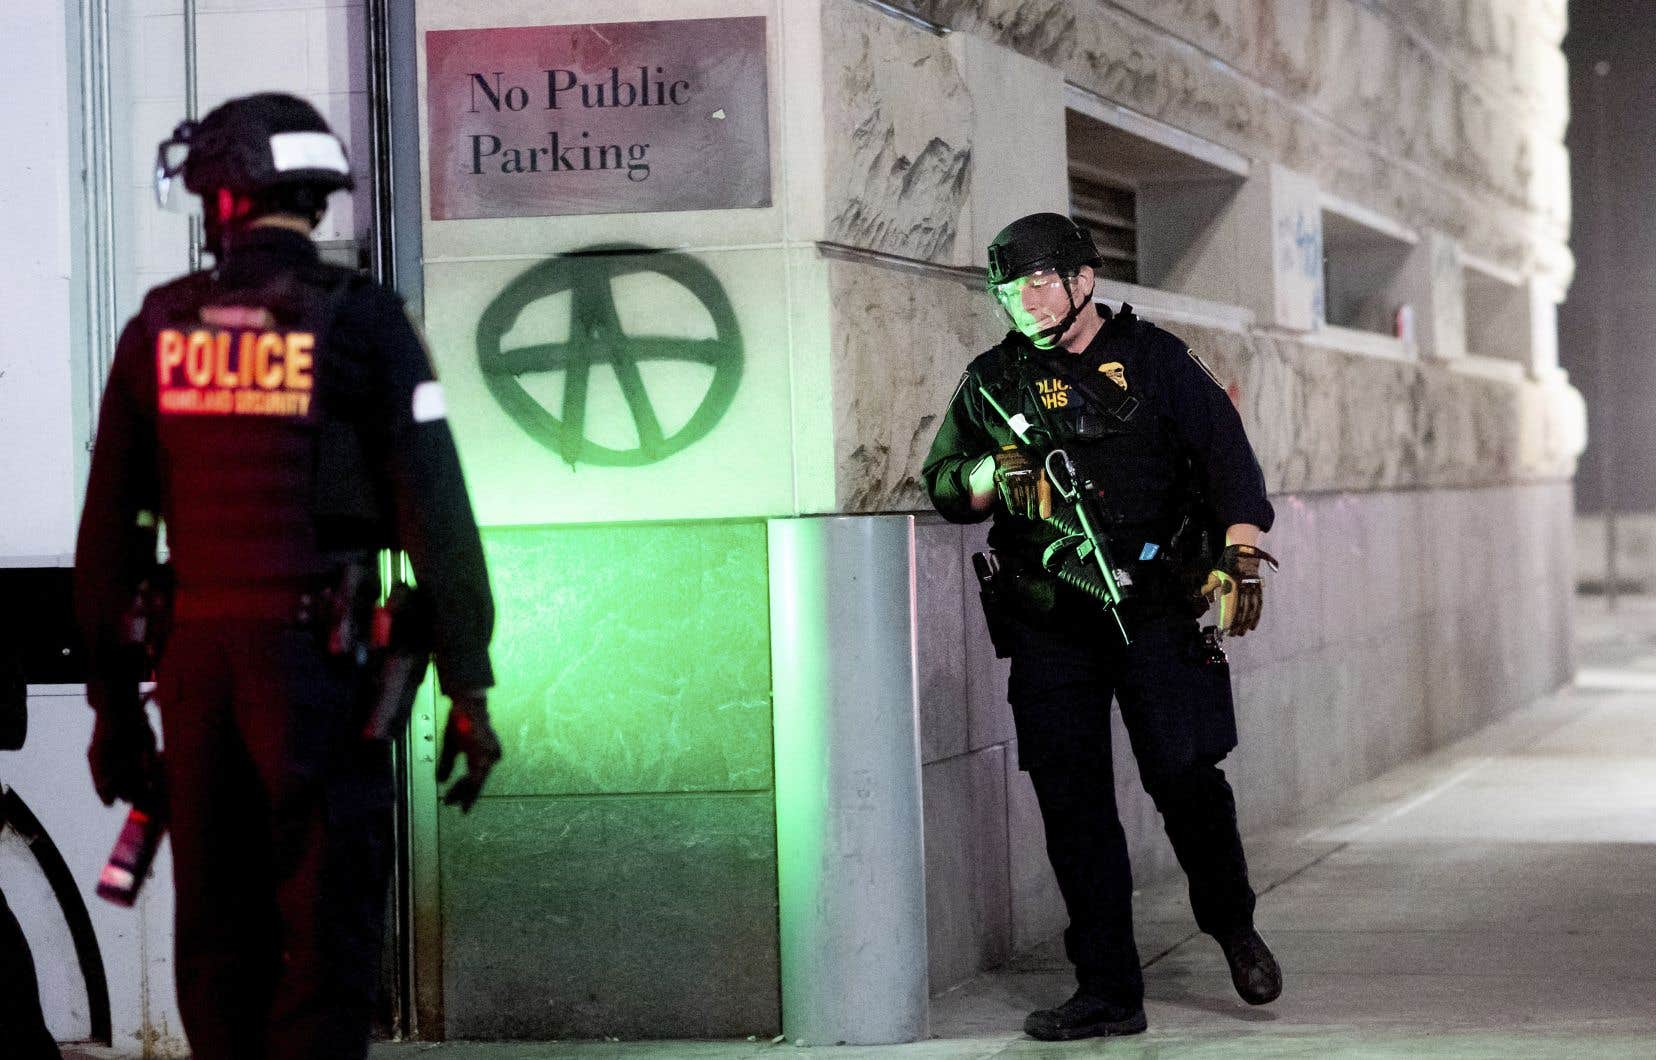 La police de Portland avait commencé jeudi à faire évacuer des secteurs du centre-ville bordant le tribunal fédéral de la ville.